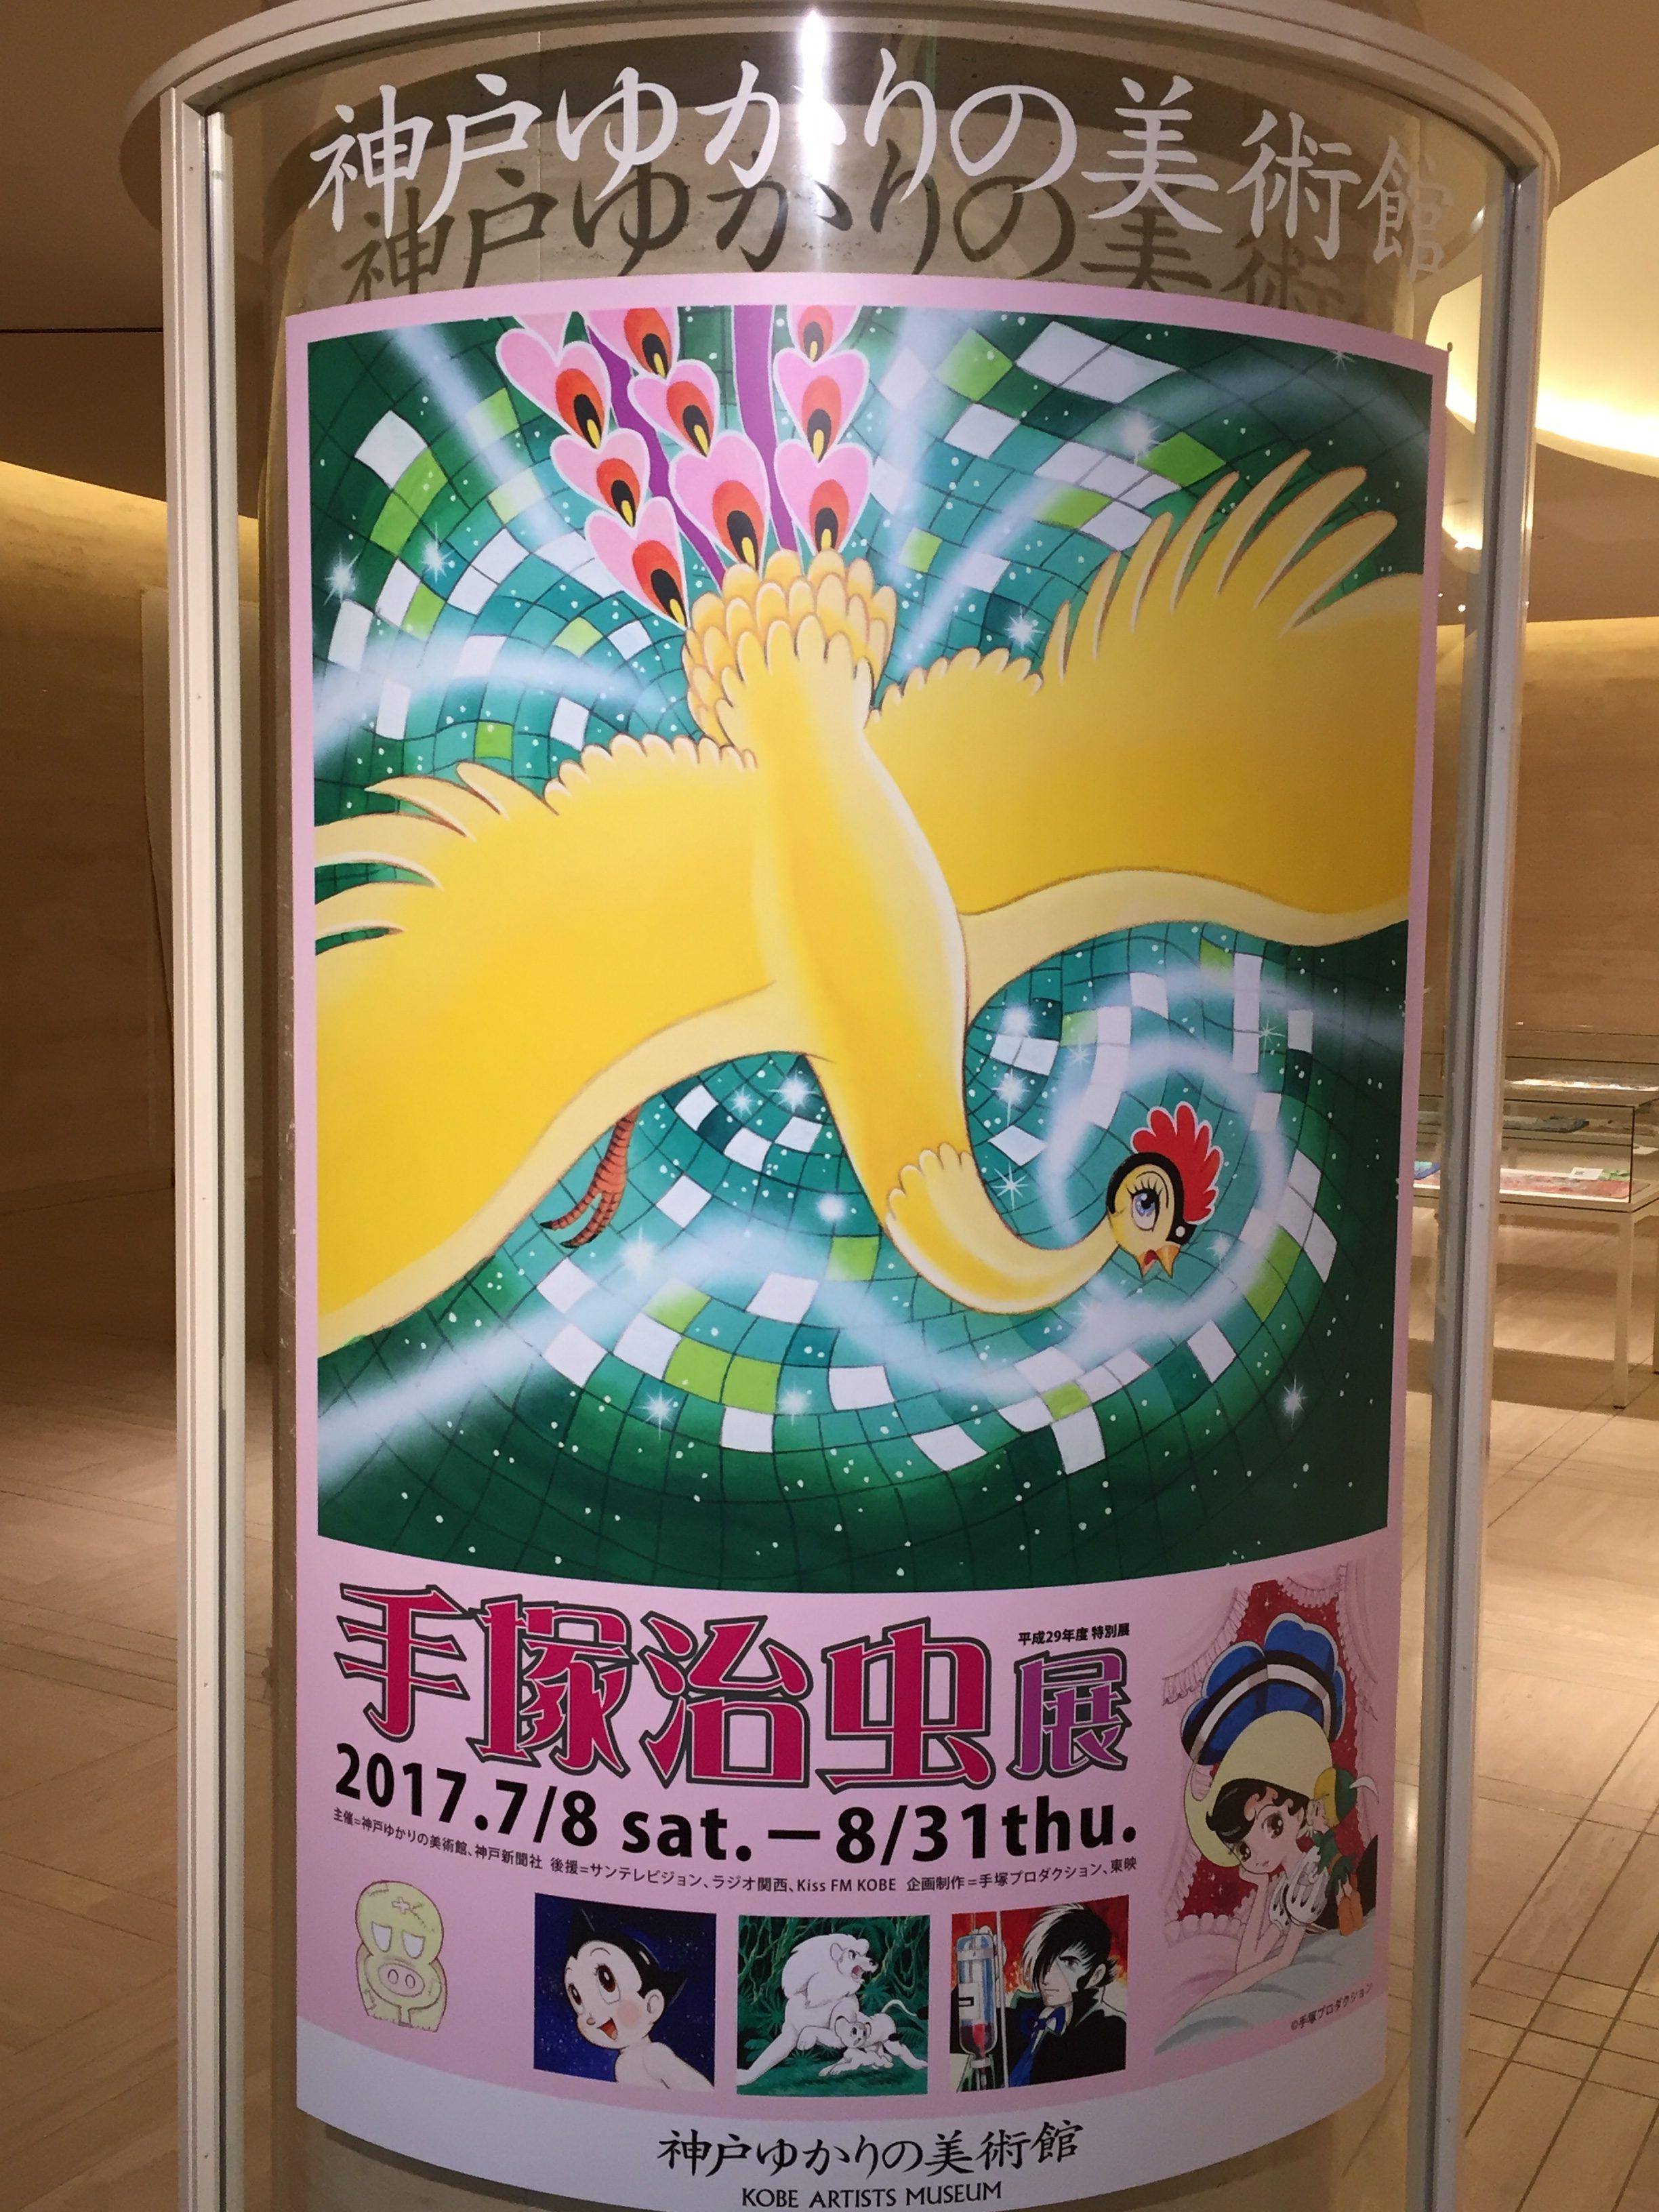 「手塚治虫展」7/8から8/31まで神戸ゆかりの美術館で開催中!【※写真レポあり】#手塚治虫